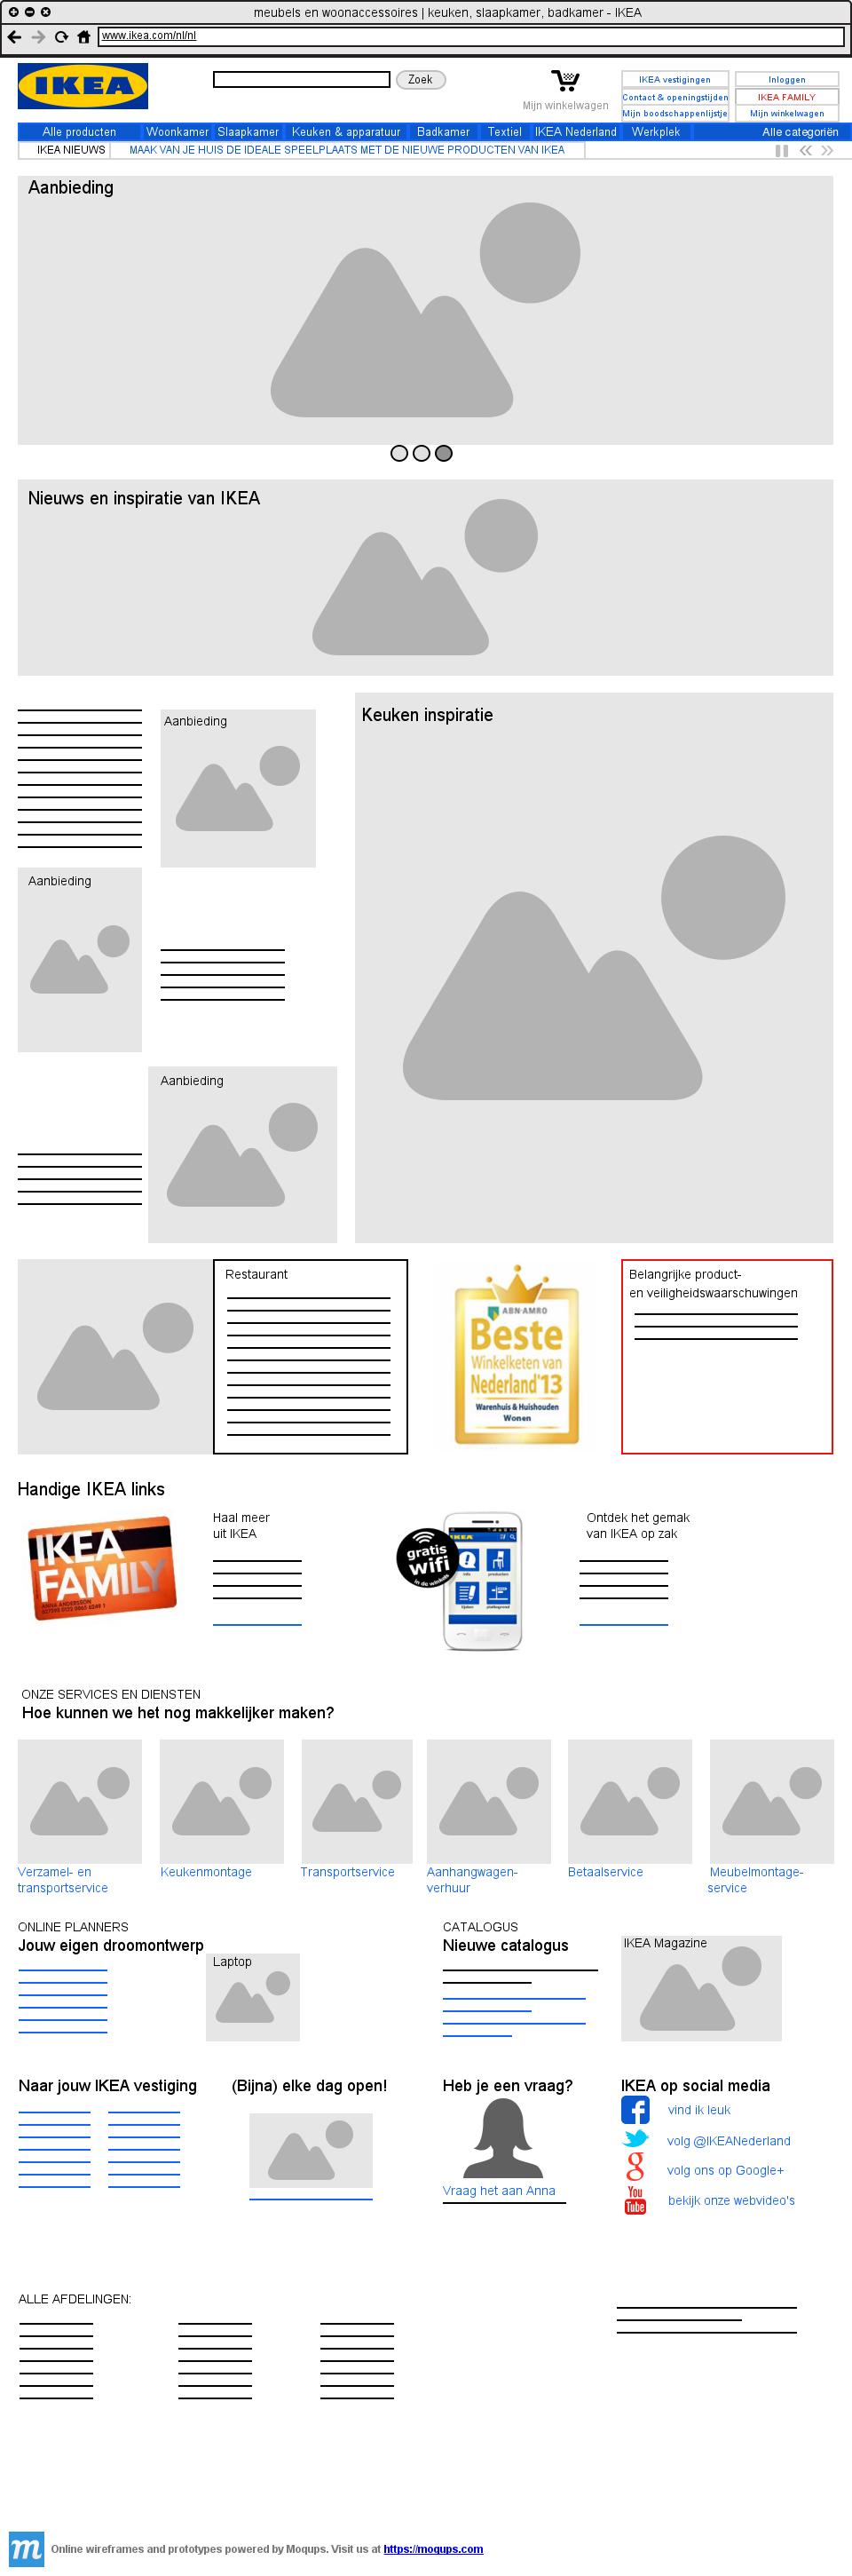 Website van IKEA gemaakt met Moqups.